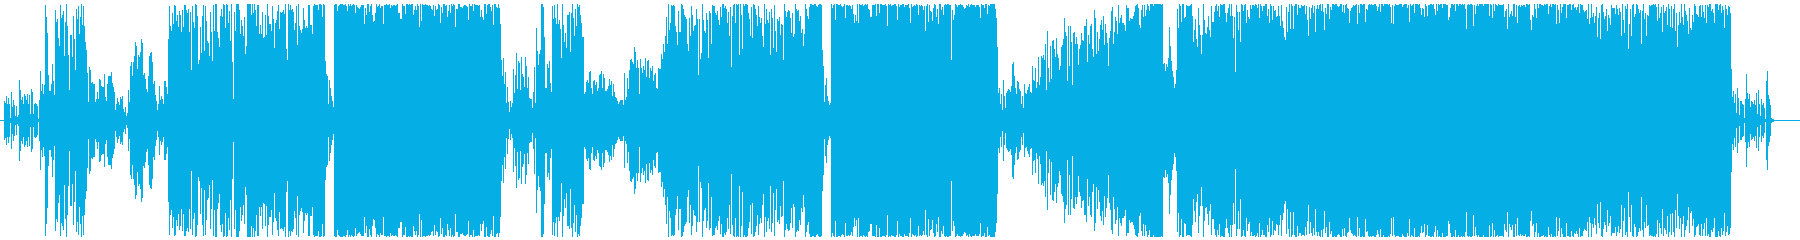 眠れぬ夜のシンフォニーの再生済みの波形